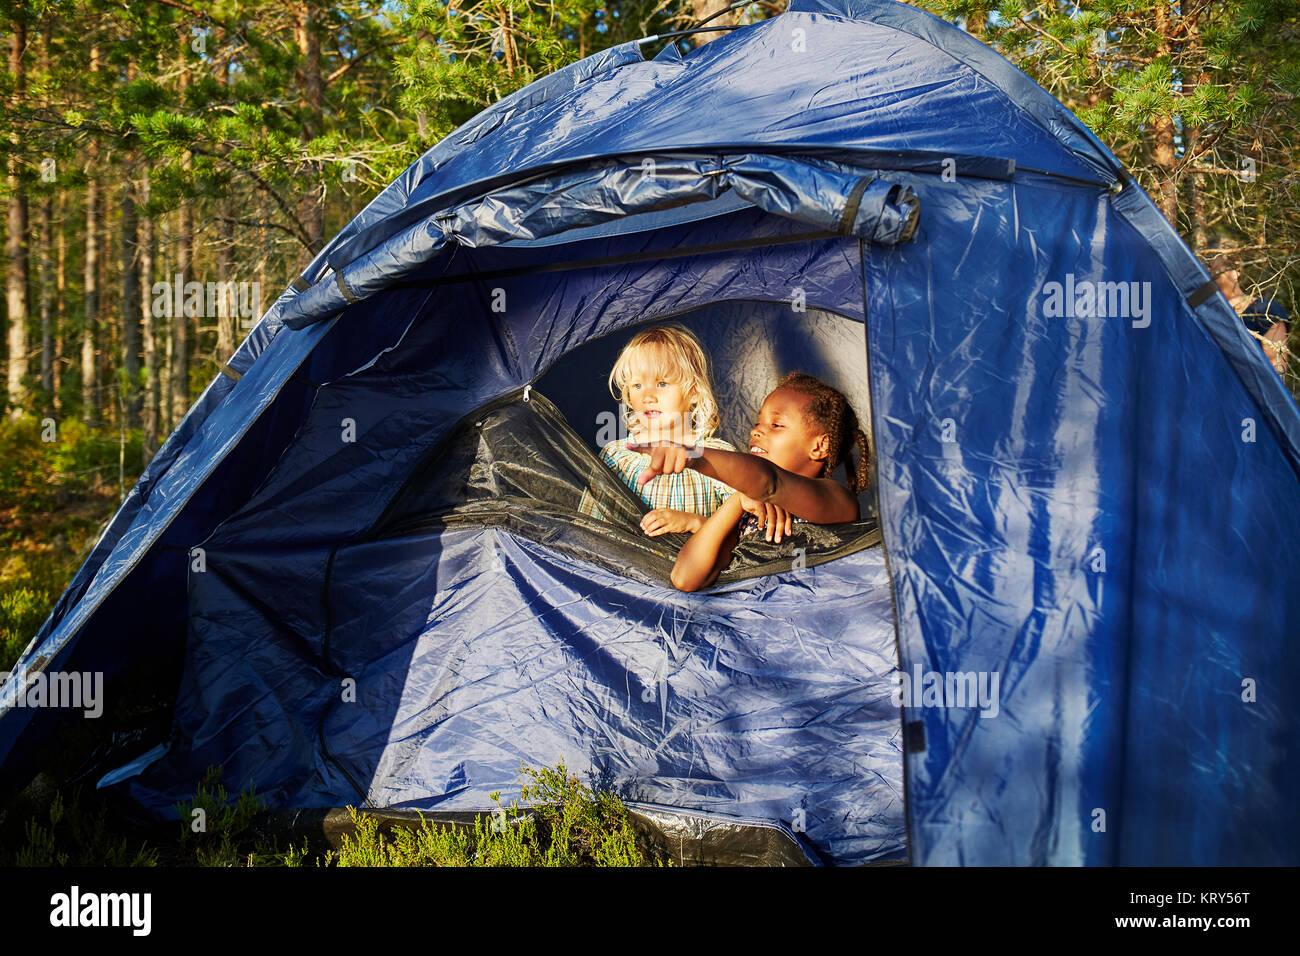 Las niñas en una carpa azul Imagen De Stock